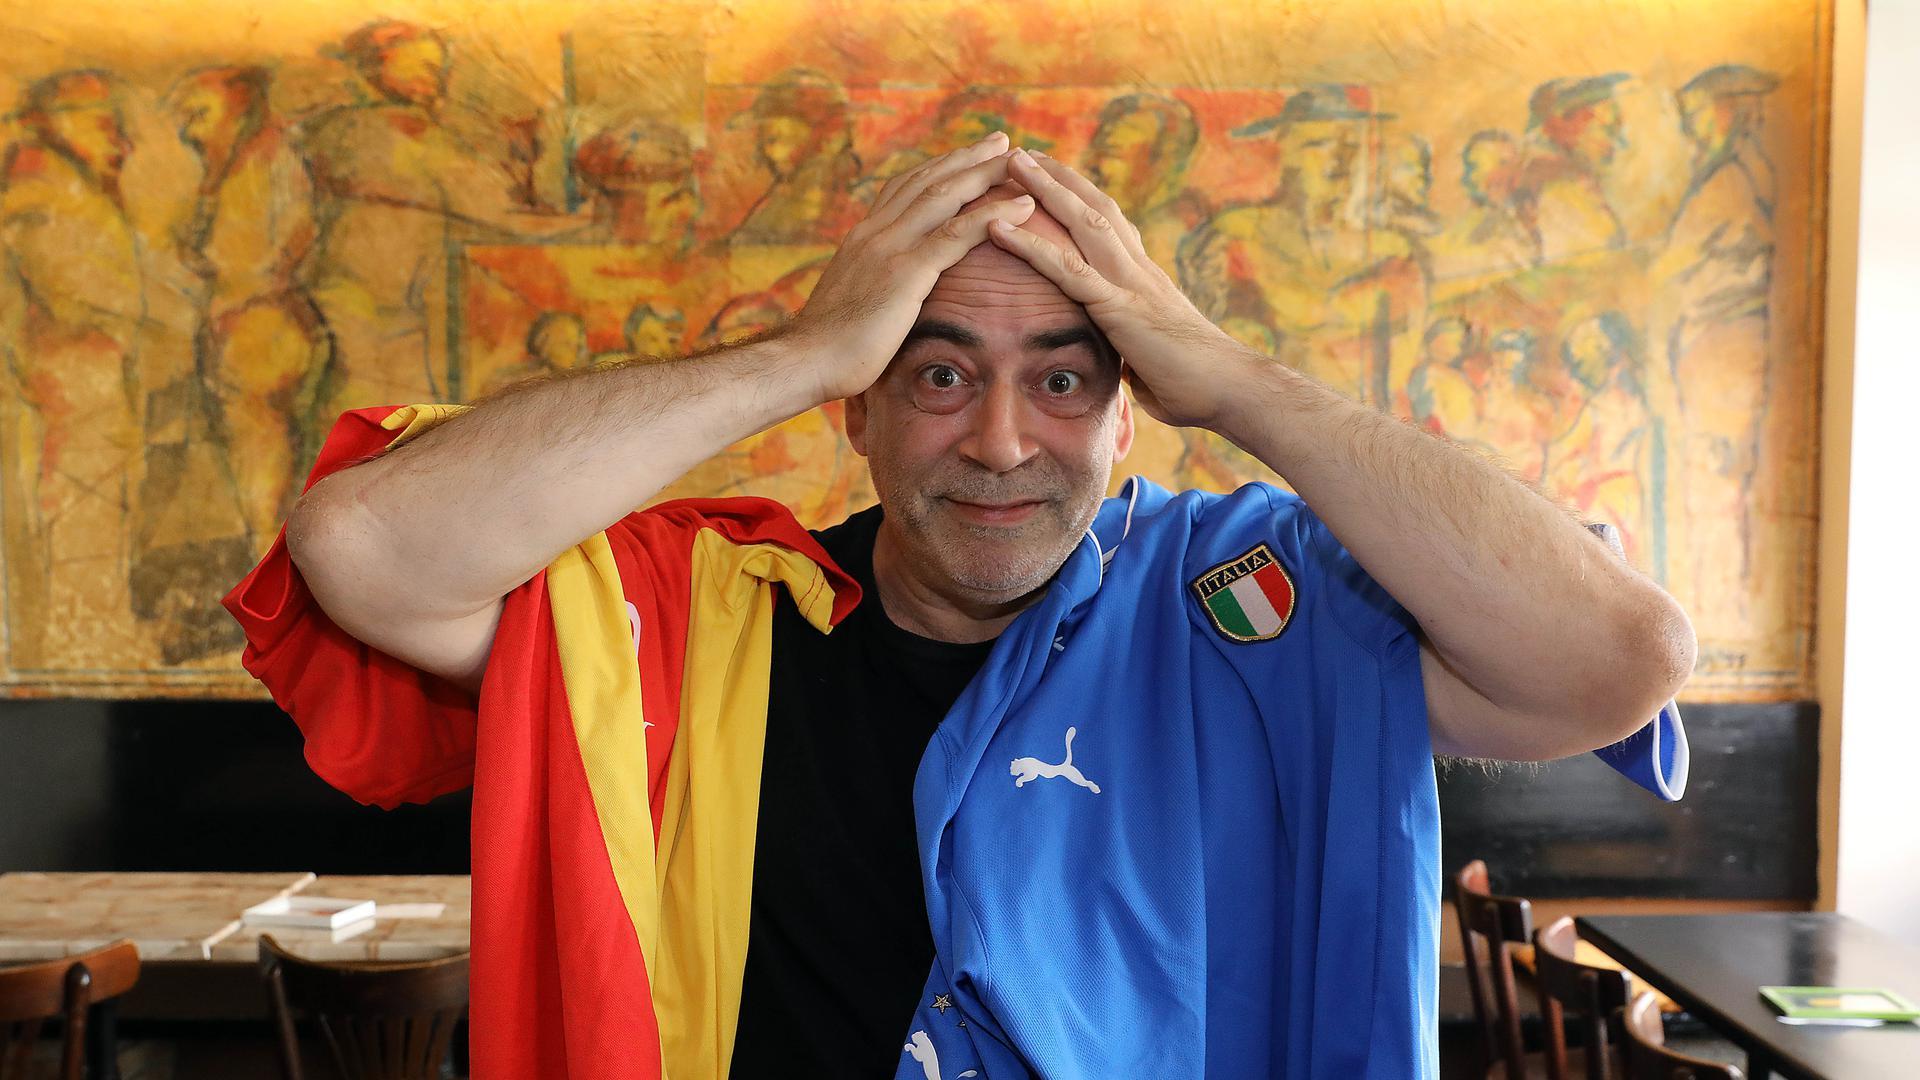 """Doppel-Fan: Mario Viggiani Blanco hat italienische und spanische Eltern. In seiner Tapas Bar """"El Toro"""" drückt er deshalb heute beiden Mannschaft die Daumen."""